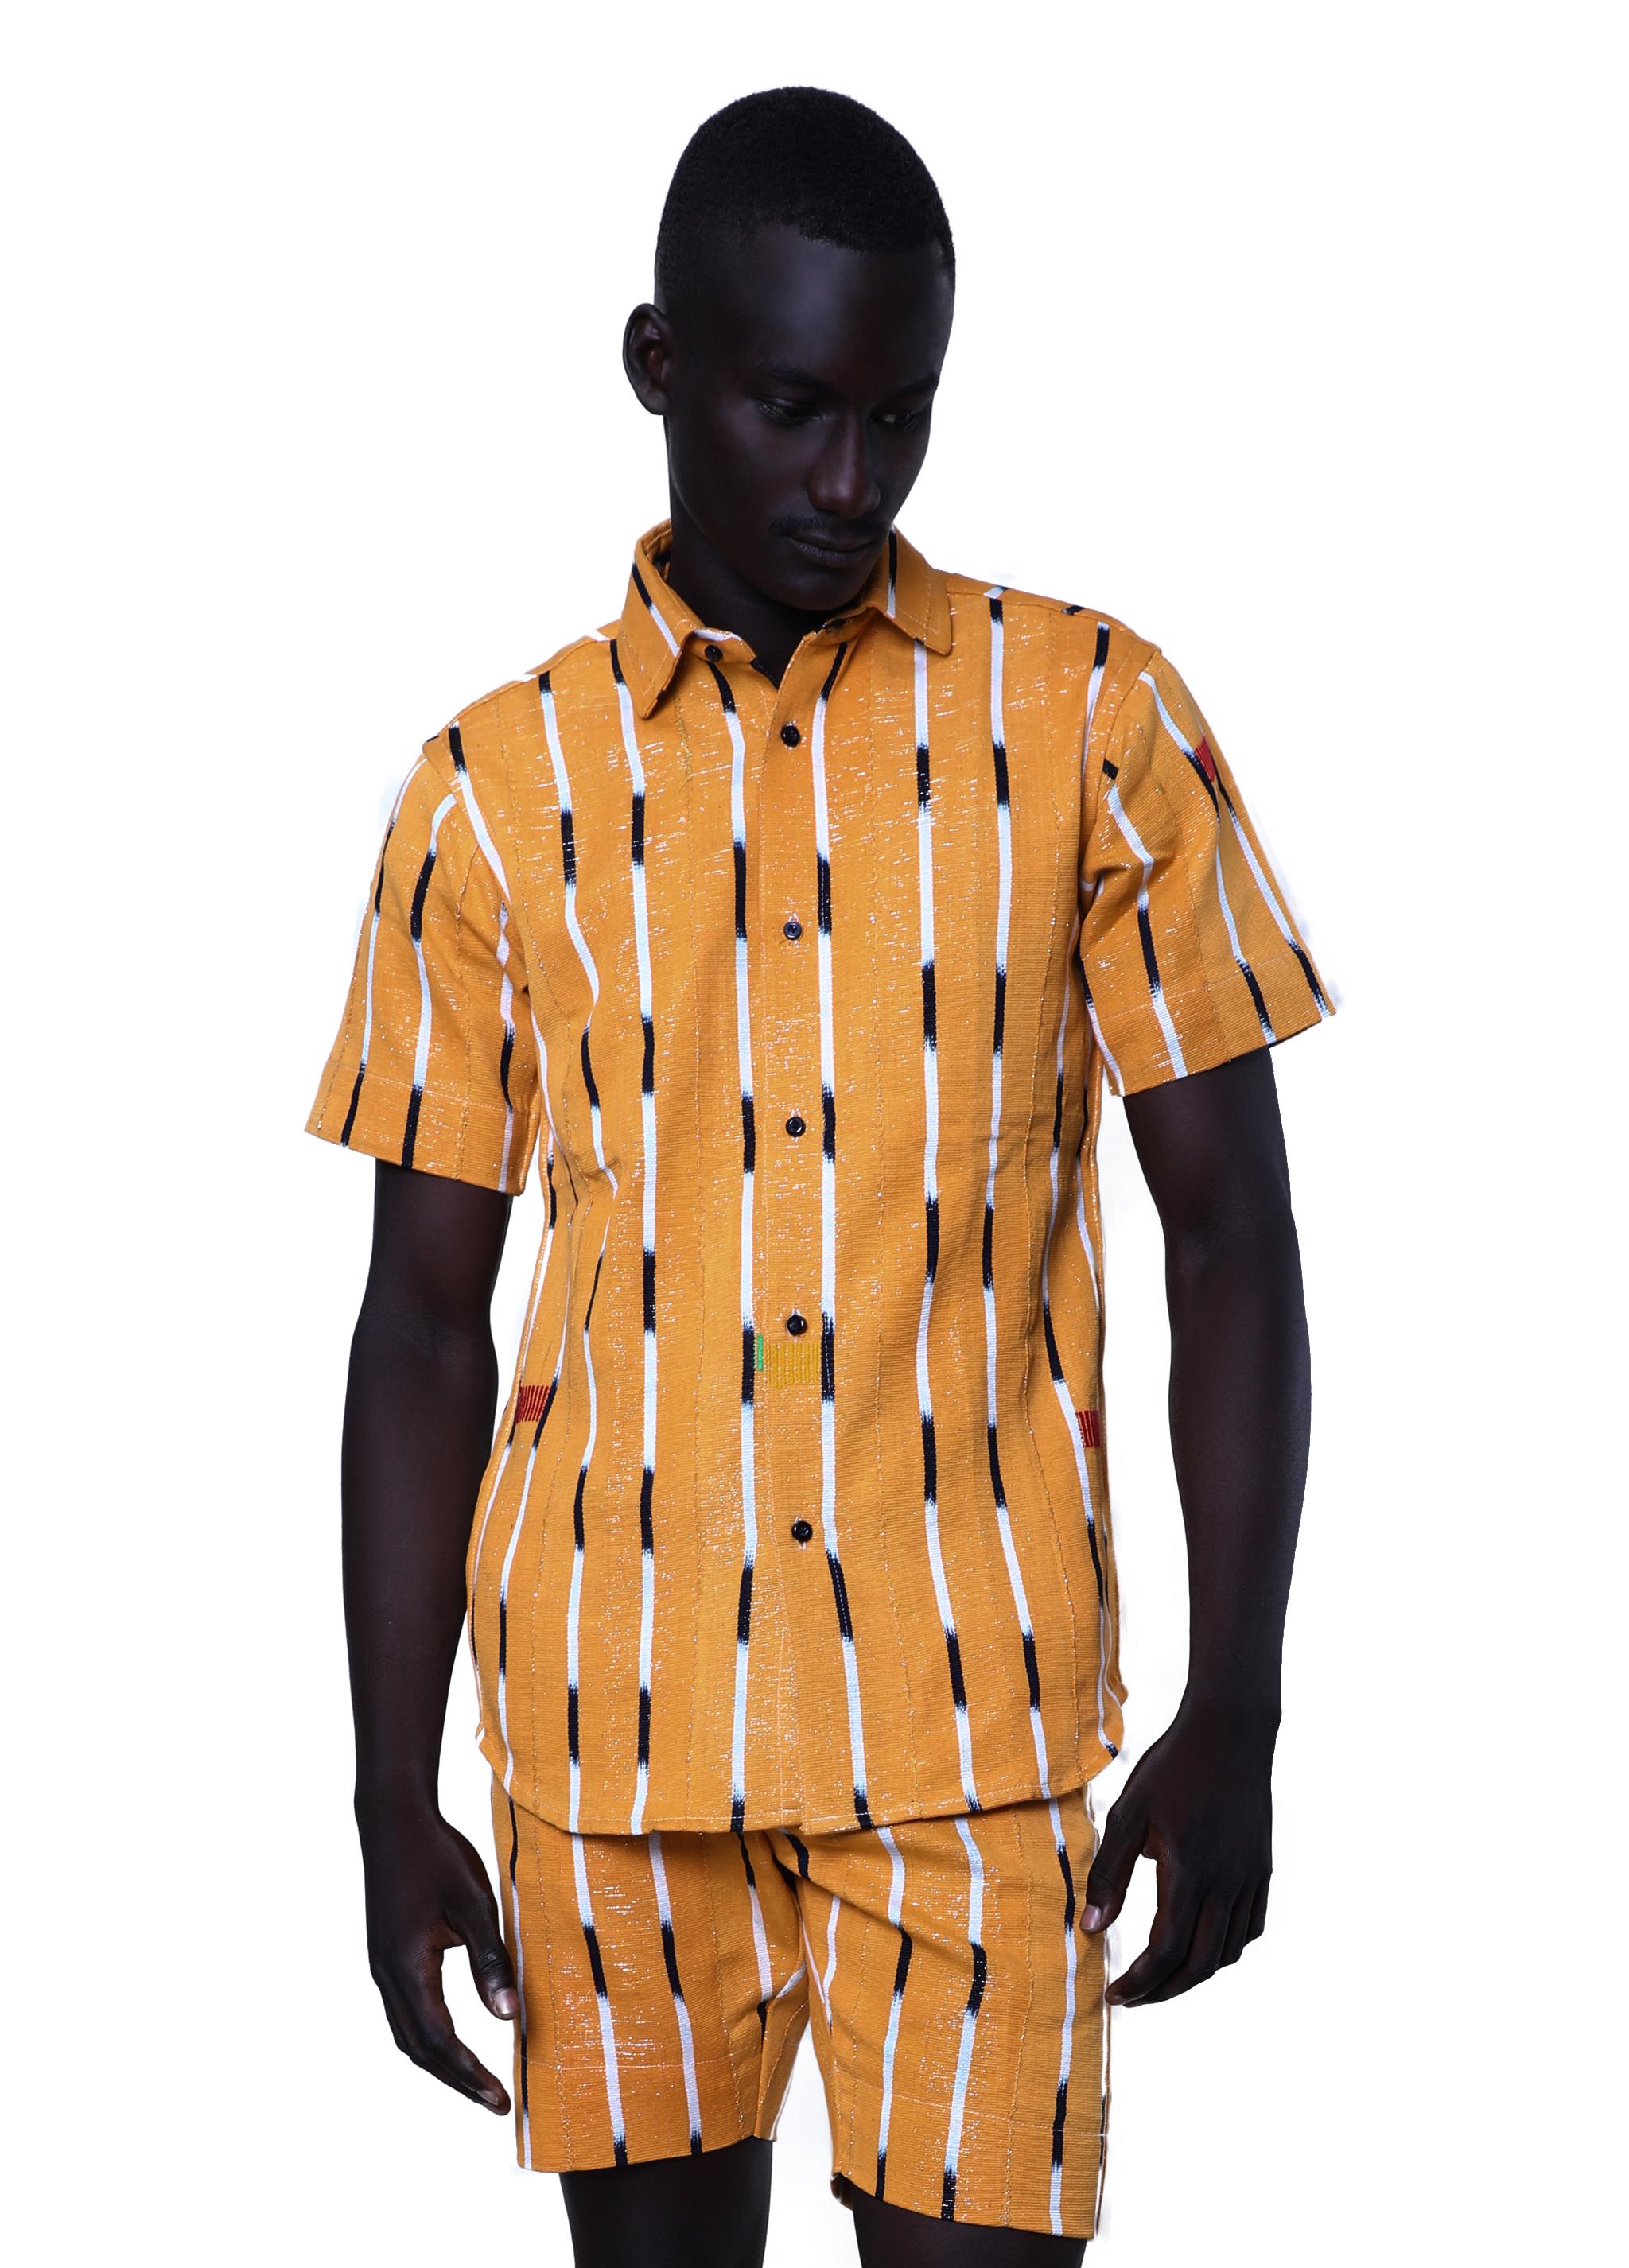 45f3f420497 Kente Gentlemen - Baoulé fabric shirt - Akan I - 001 - Moonlook